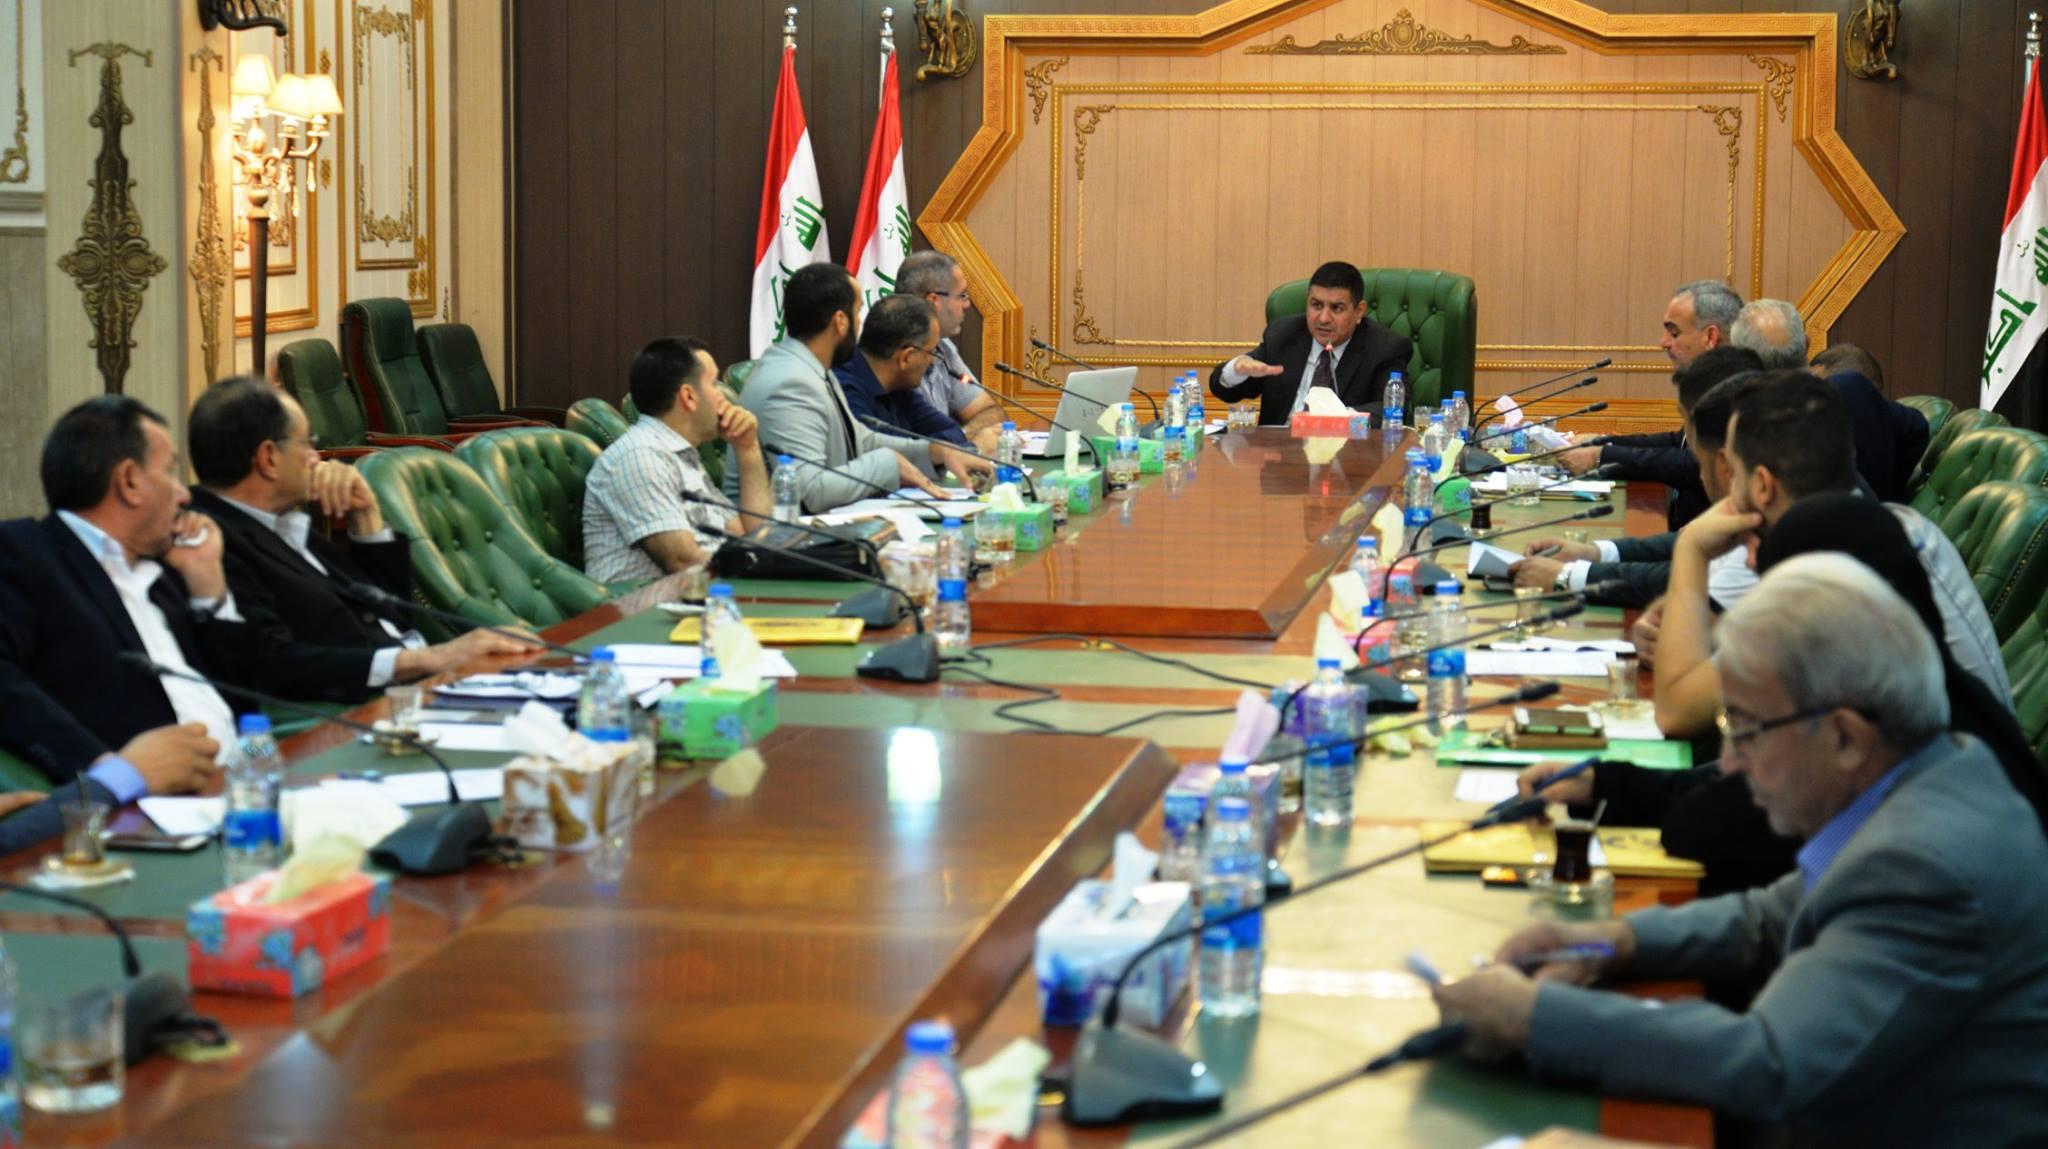 محافظ المثنى يعلن عن المباشرة بإجراءات اعداد خطة التنمية الاستراتيجية للمحافظة للأعوام ( 2018 _2022 )